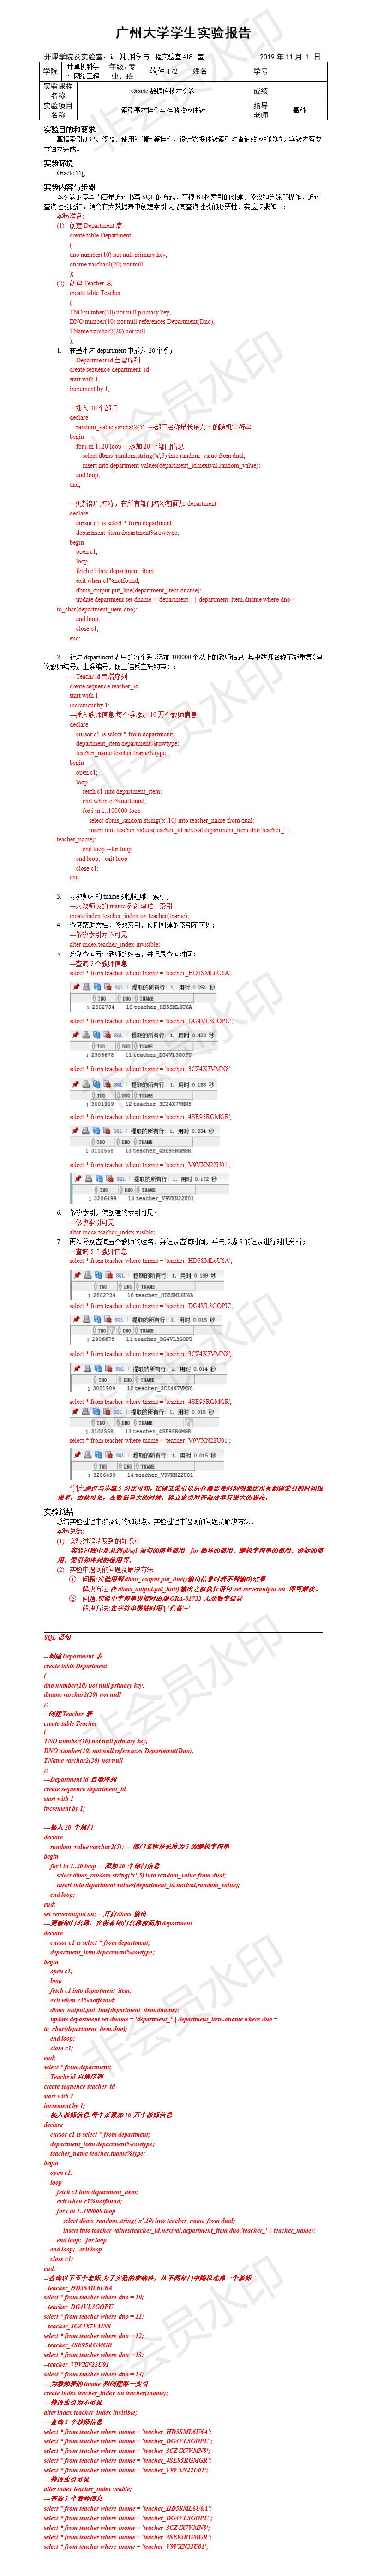 广州大学oracle数据库实验一